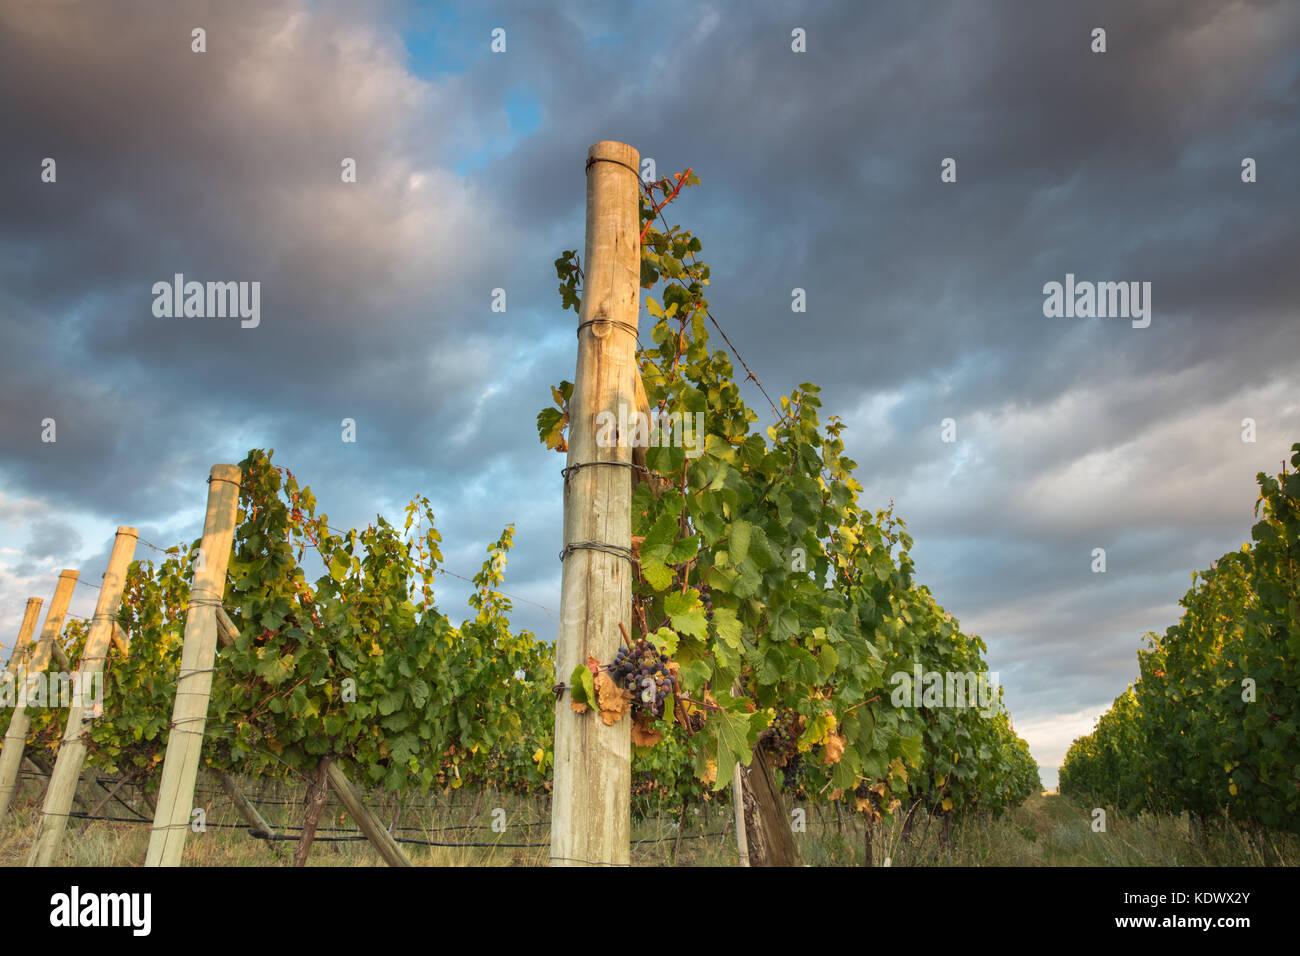 Maturazione delle uve nei vigneti della Valle di Uco nr Tupungato, provincia di Mendoza, Argentina Immagini Stock